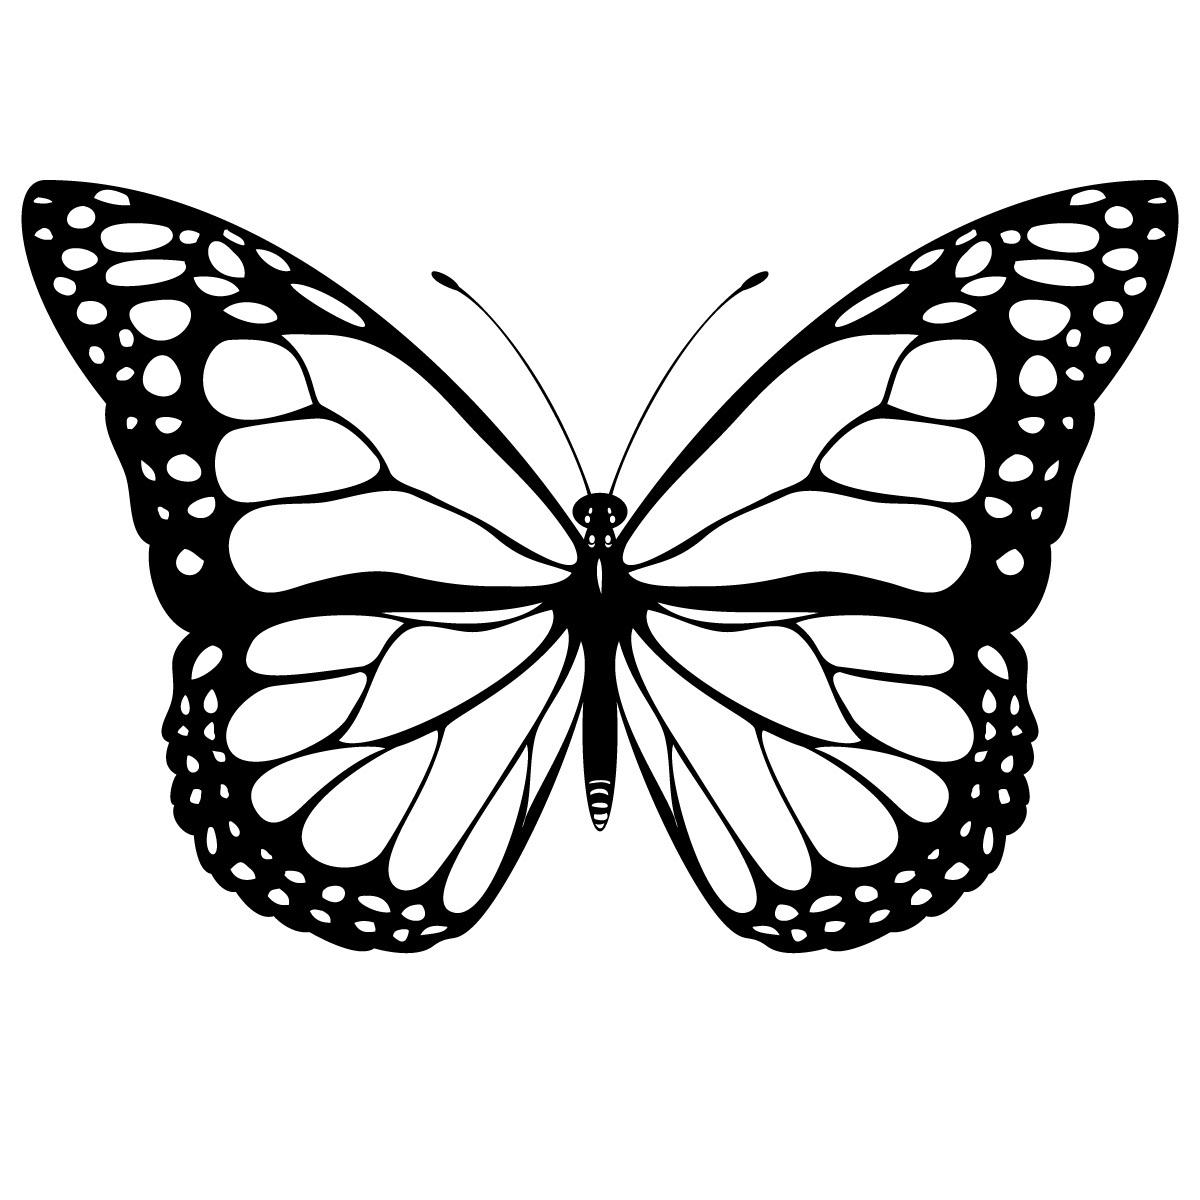 Papillon #2 (Animaux) – Coloriages À Imprimer dedans Dessin A Imprimer Papillon Gratuit